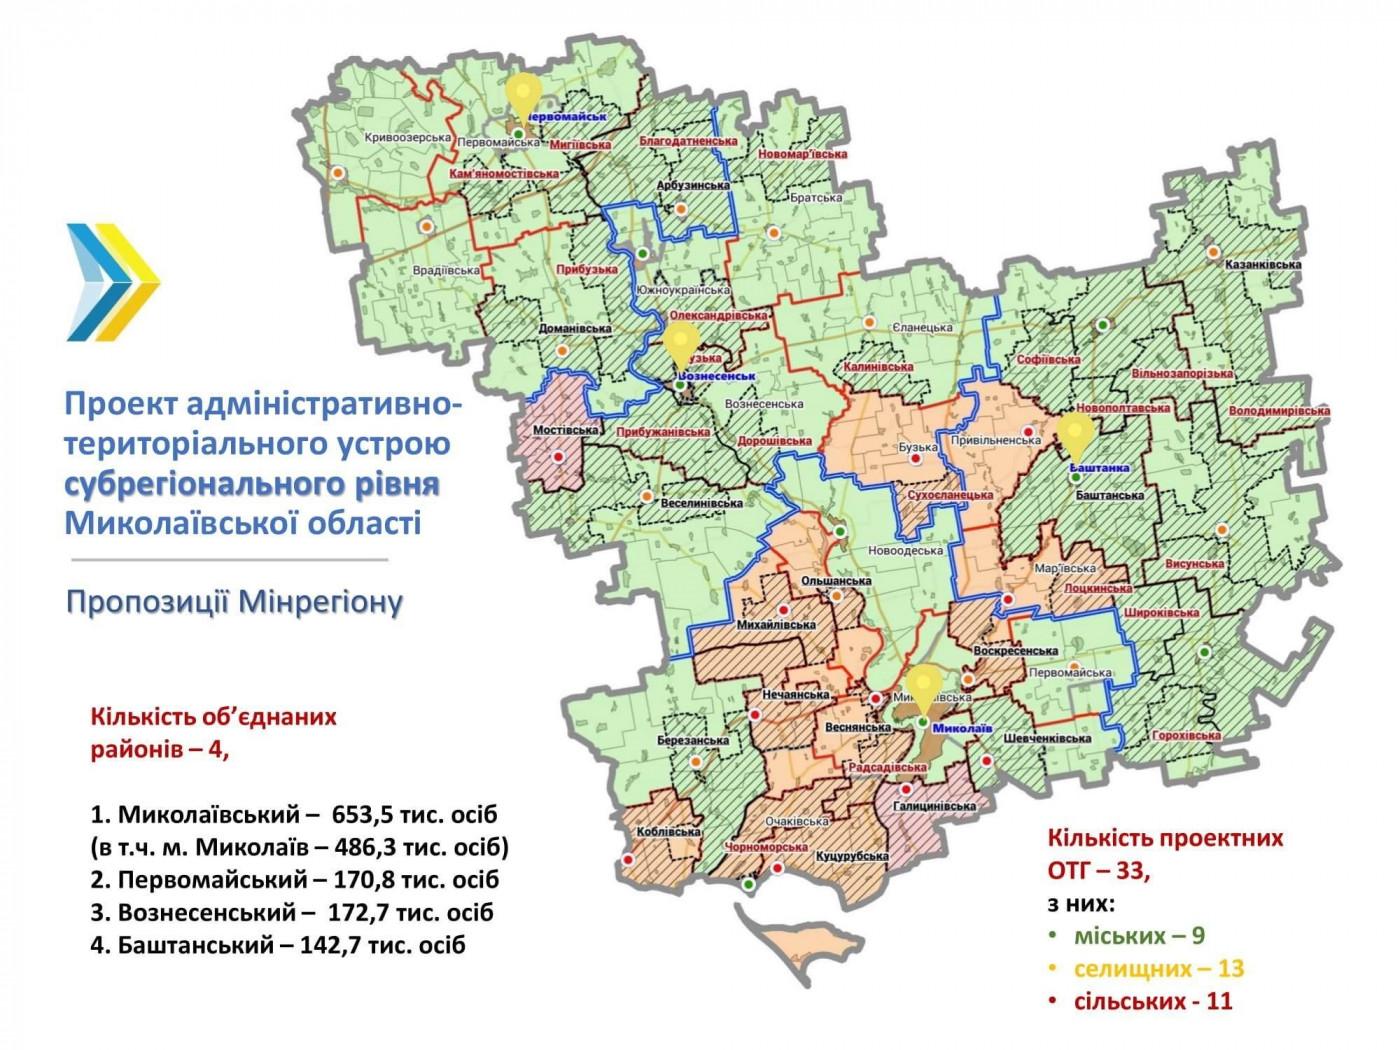 Після реформи у Миколаївській області може залишитися 4 райони